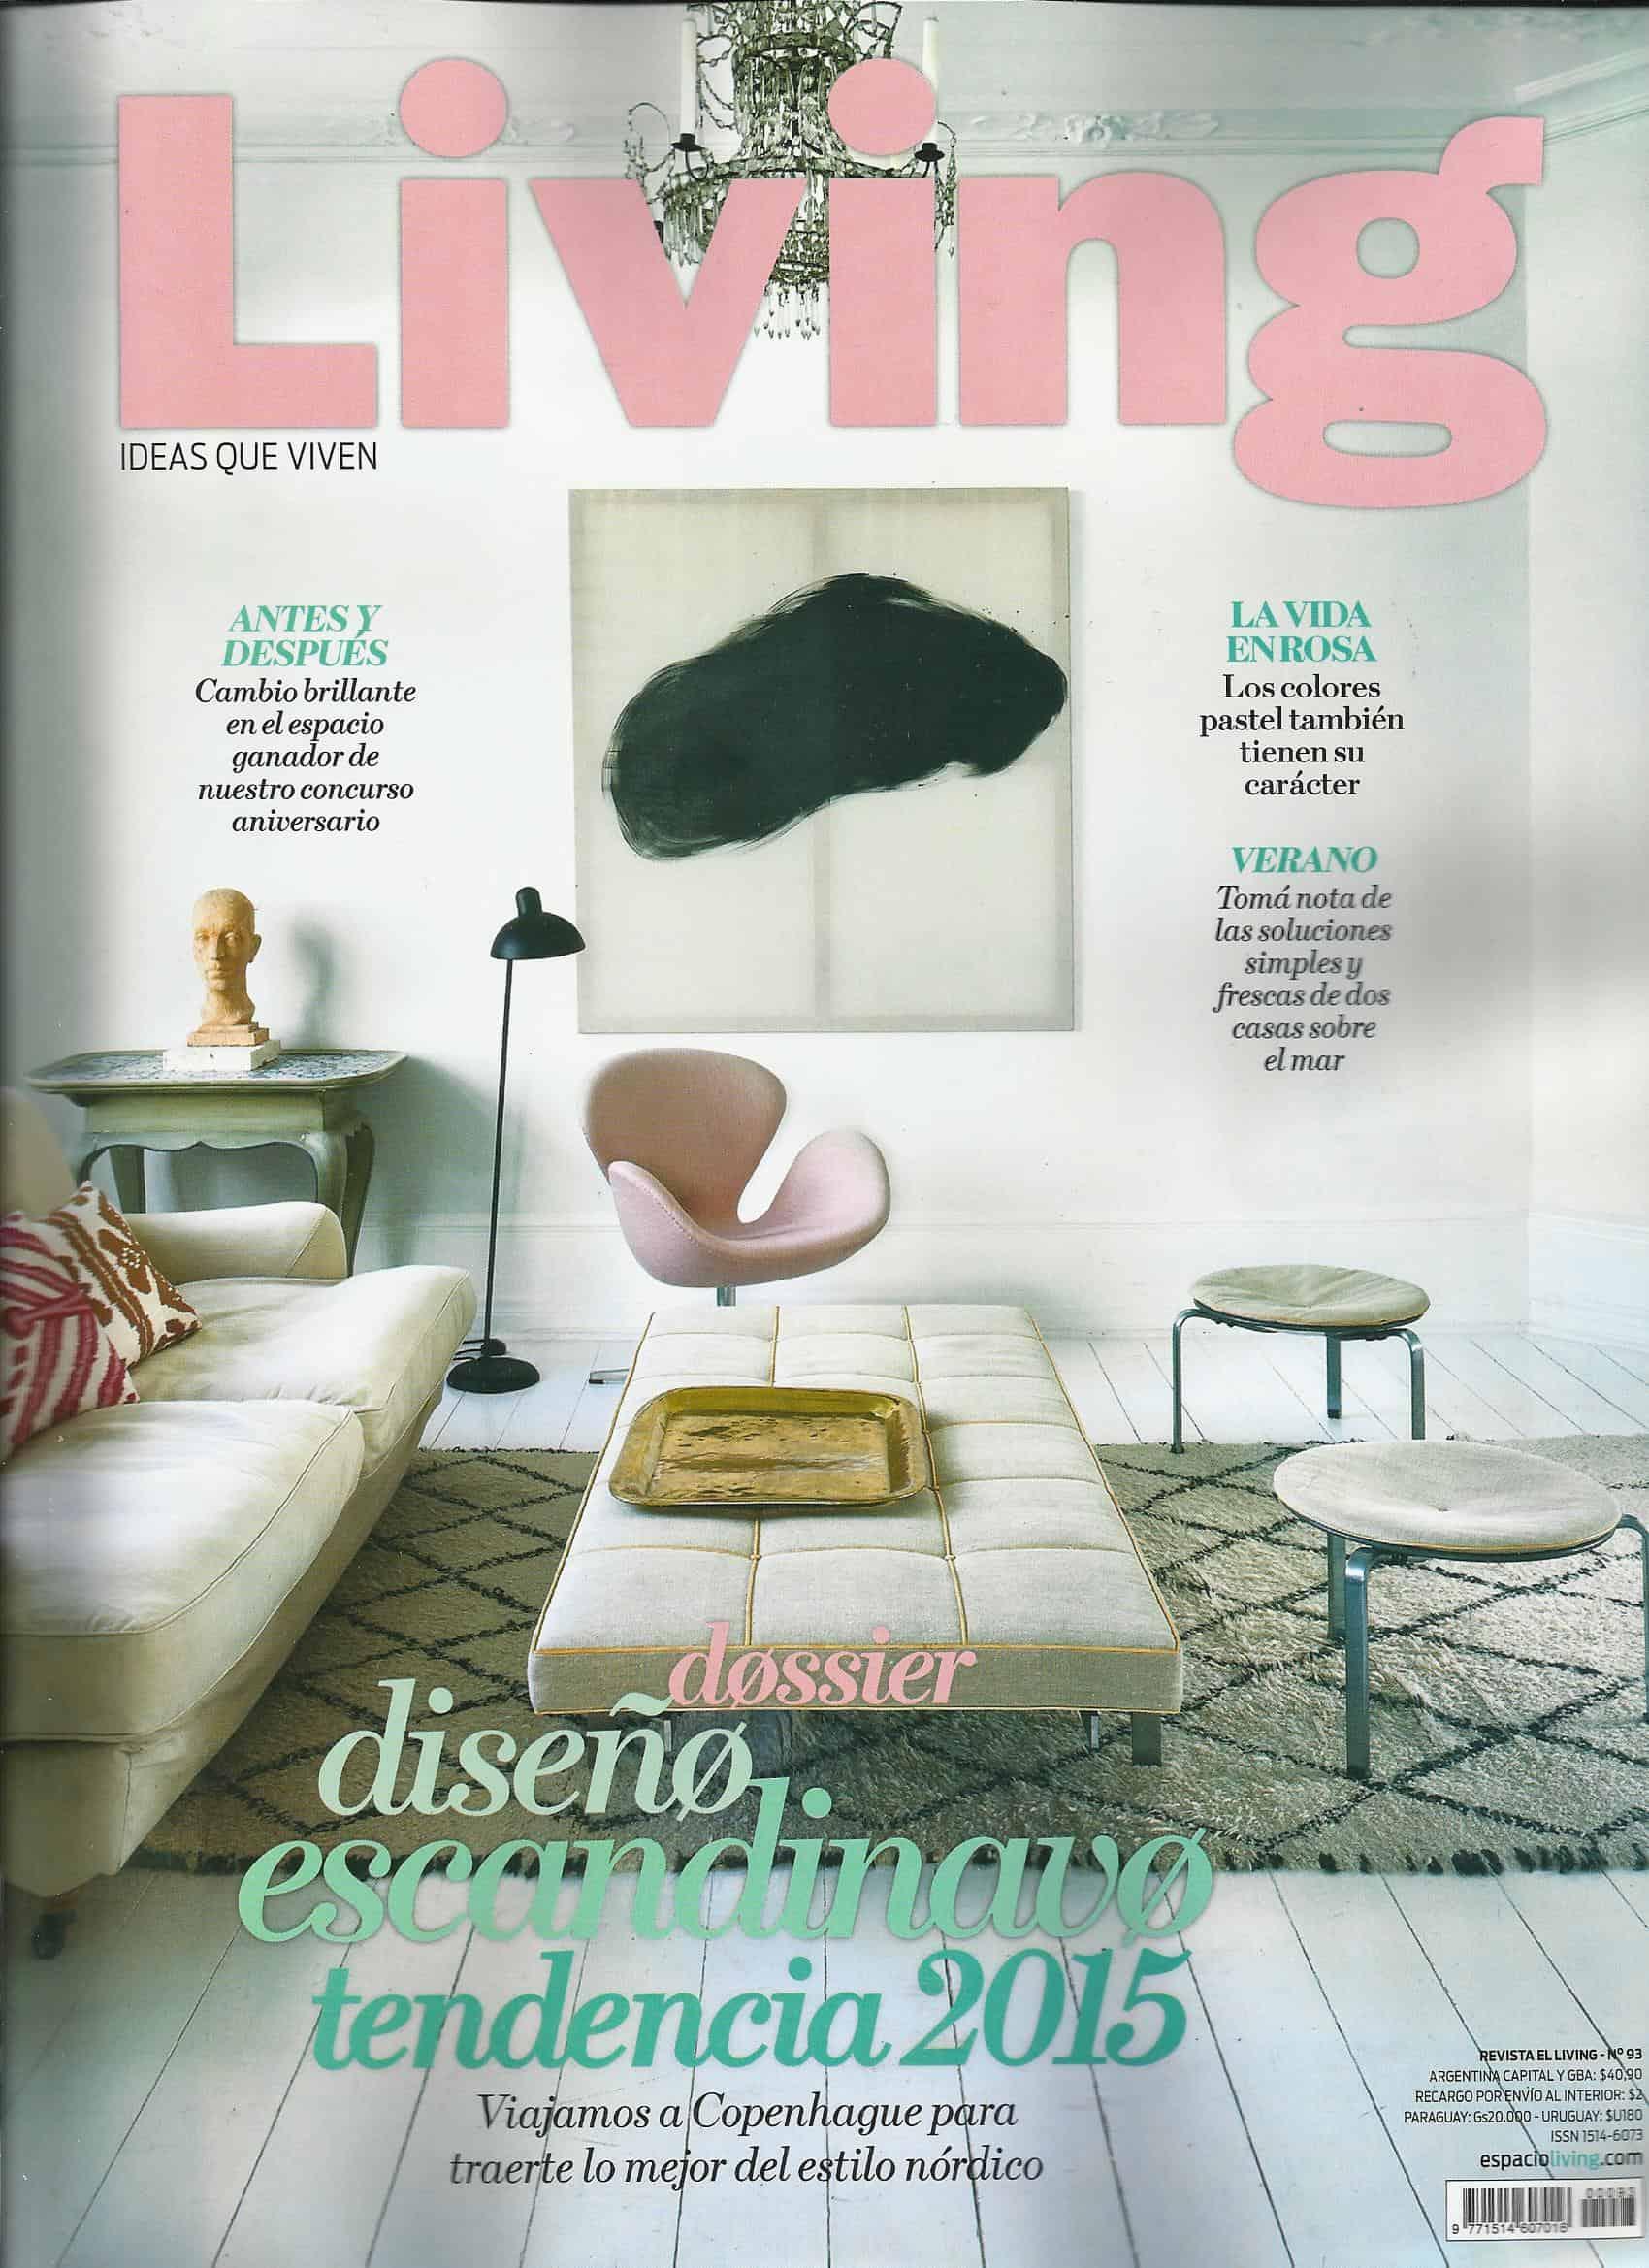 Revista Living 93 Diciembre 2014 – 01